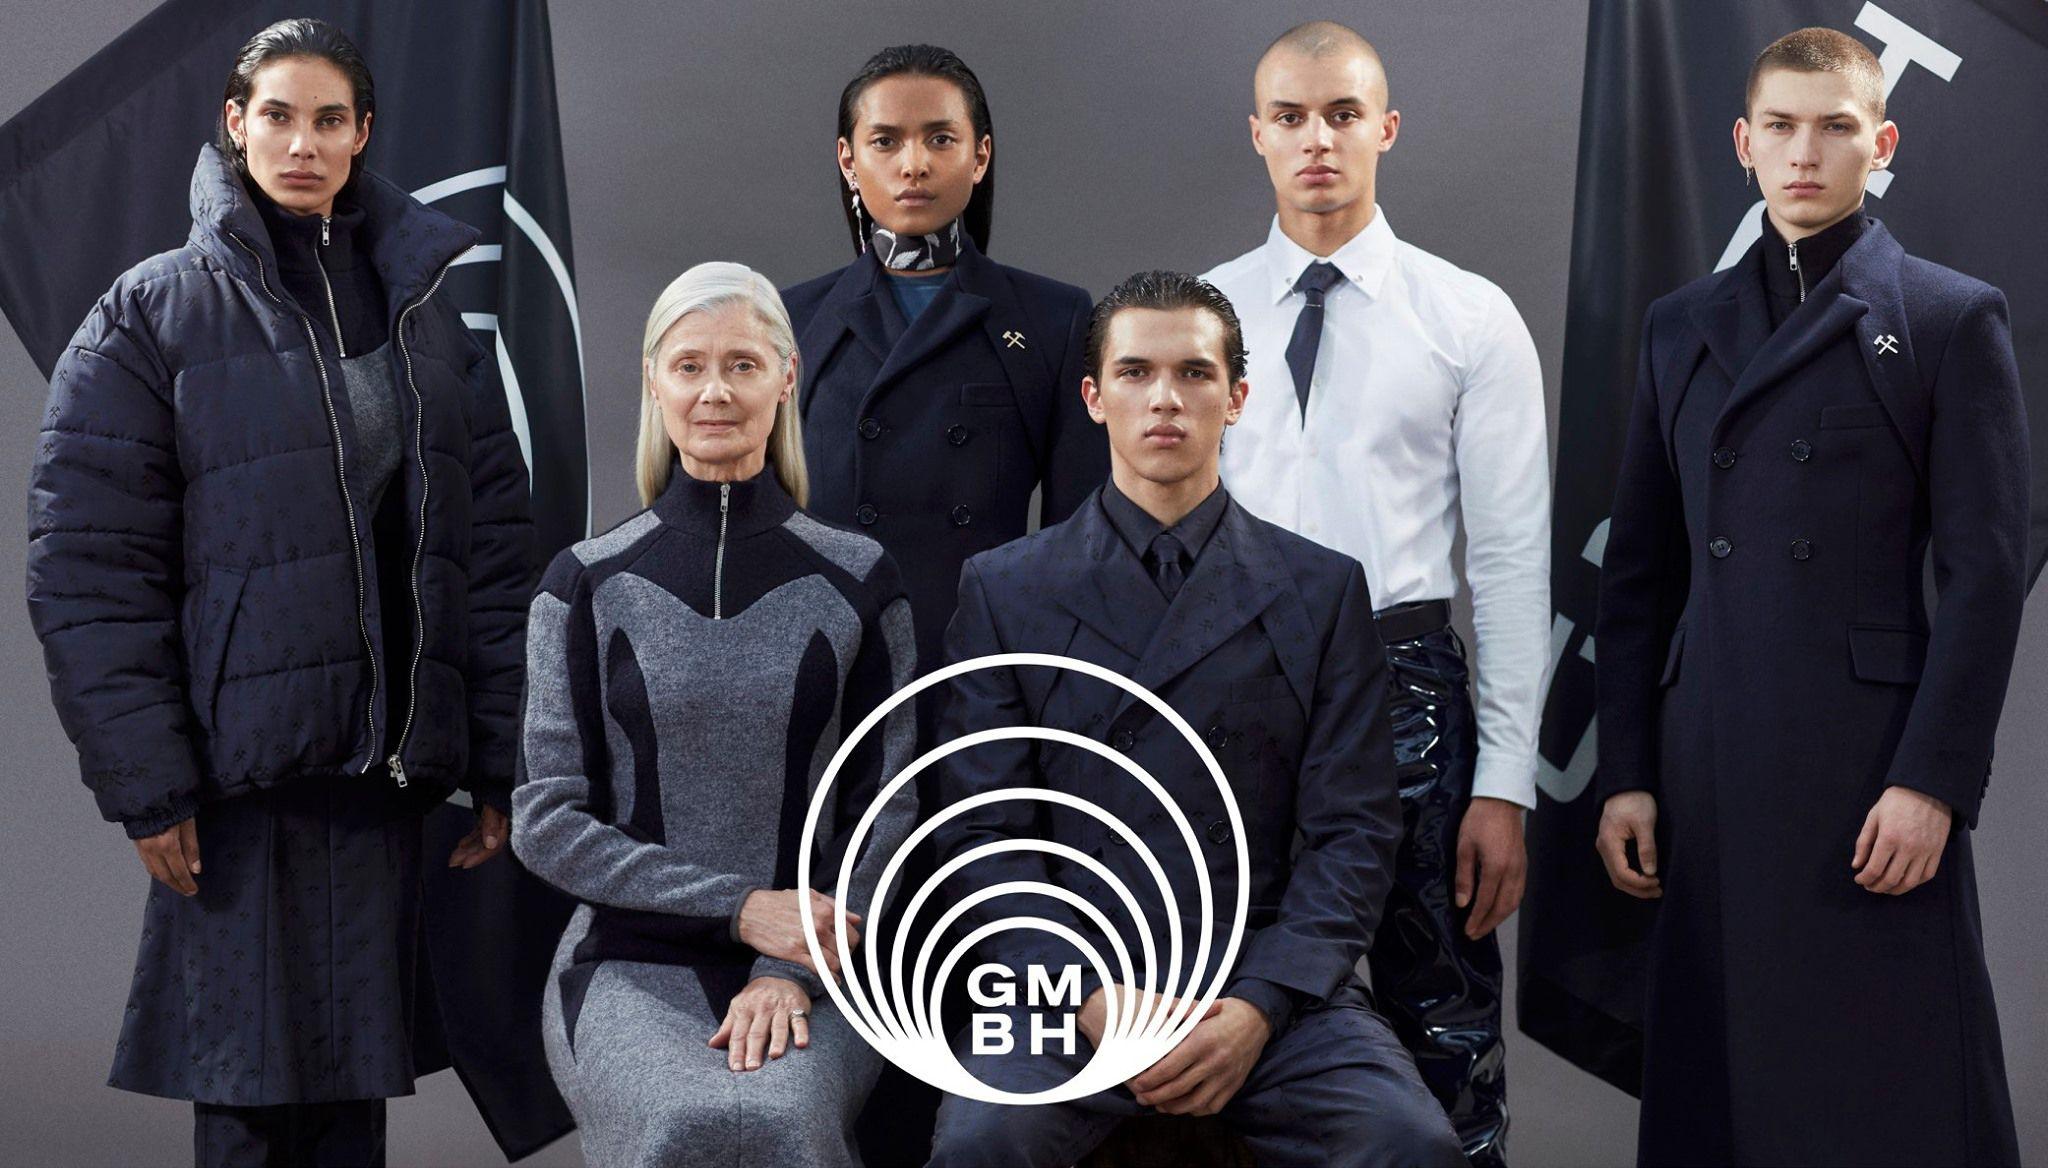 GmbH Campaign